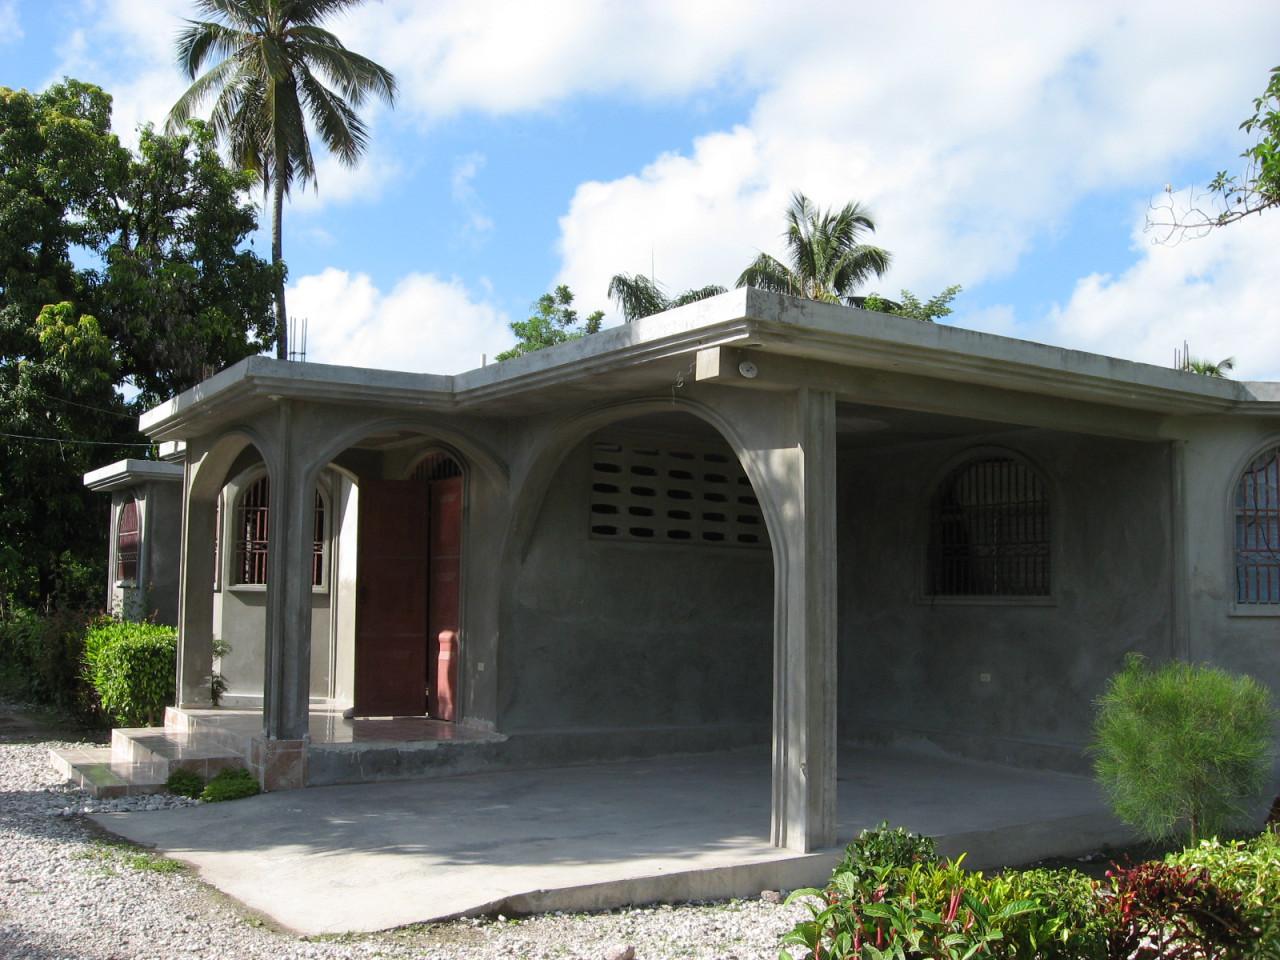 Saint louis de gonzague de fonfr de for Acheter une maison en haiti